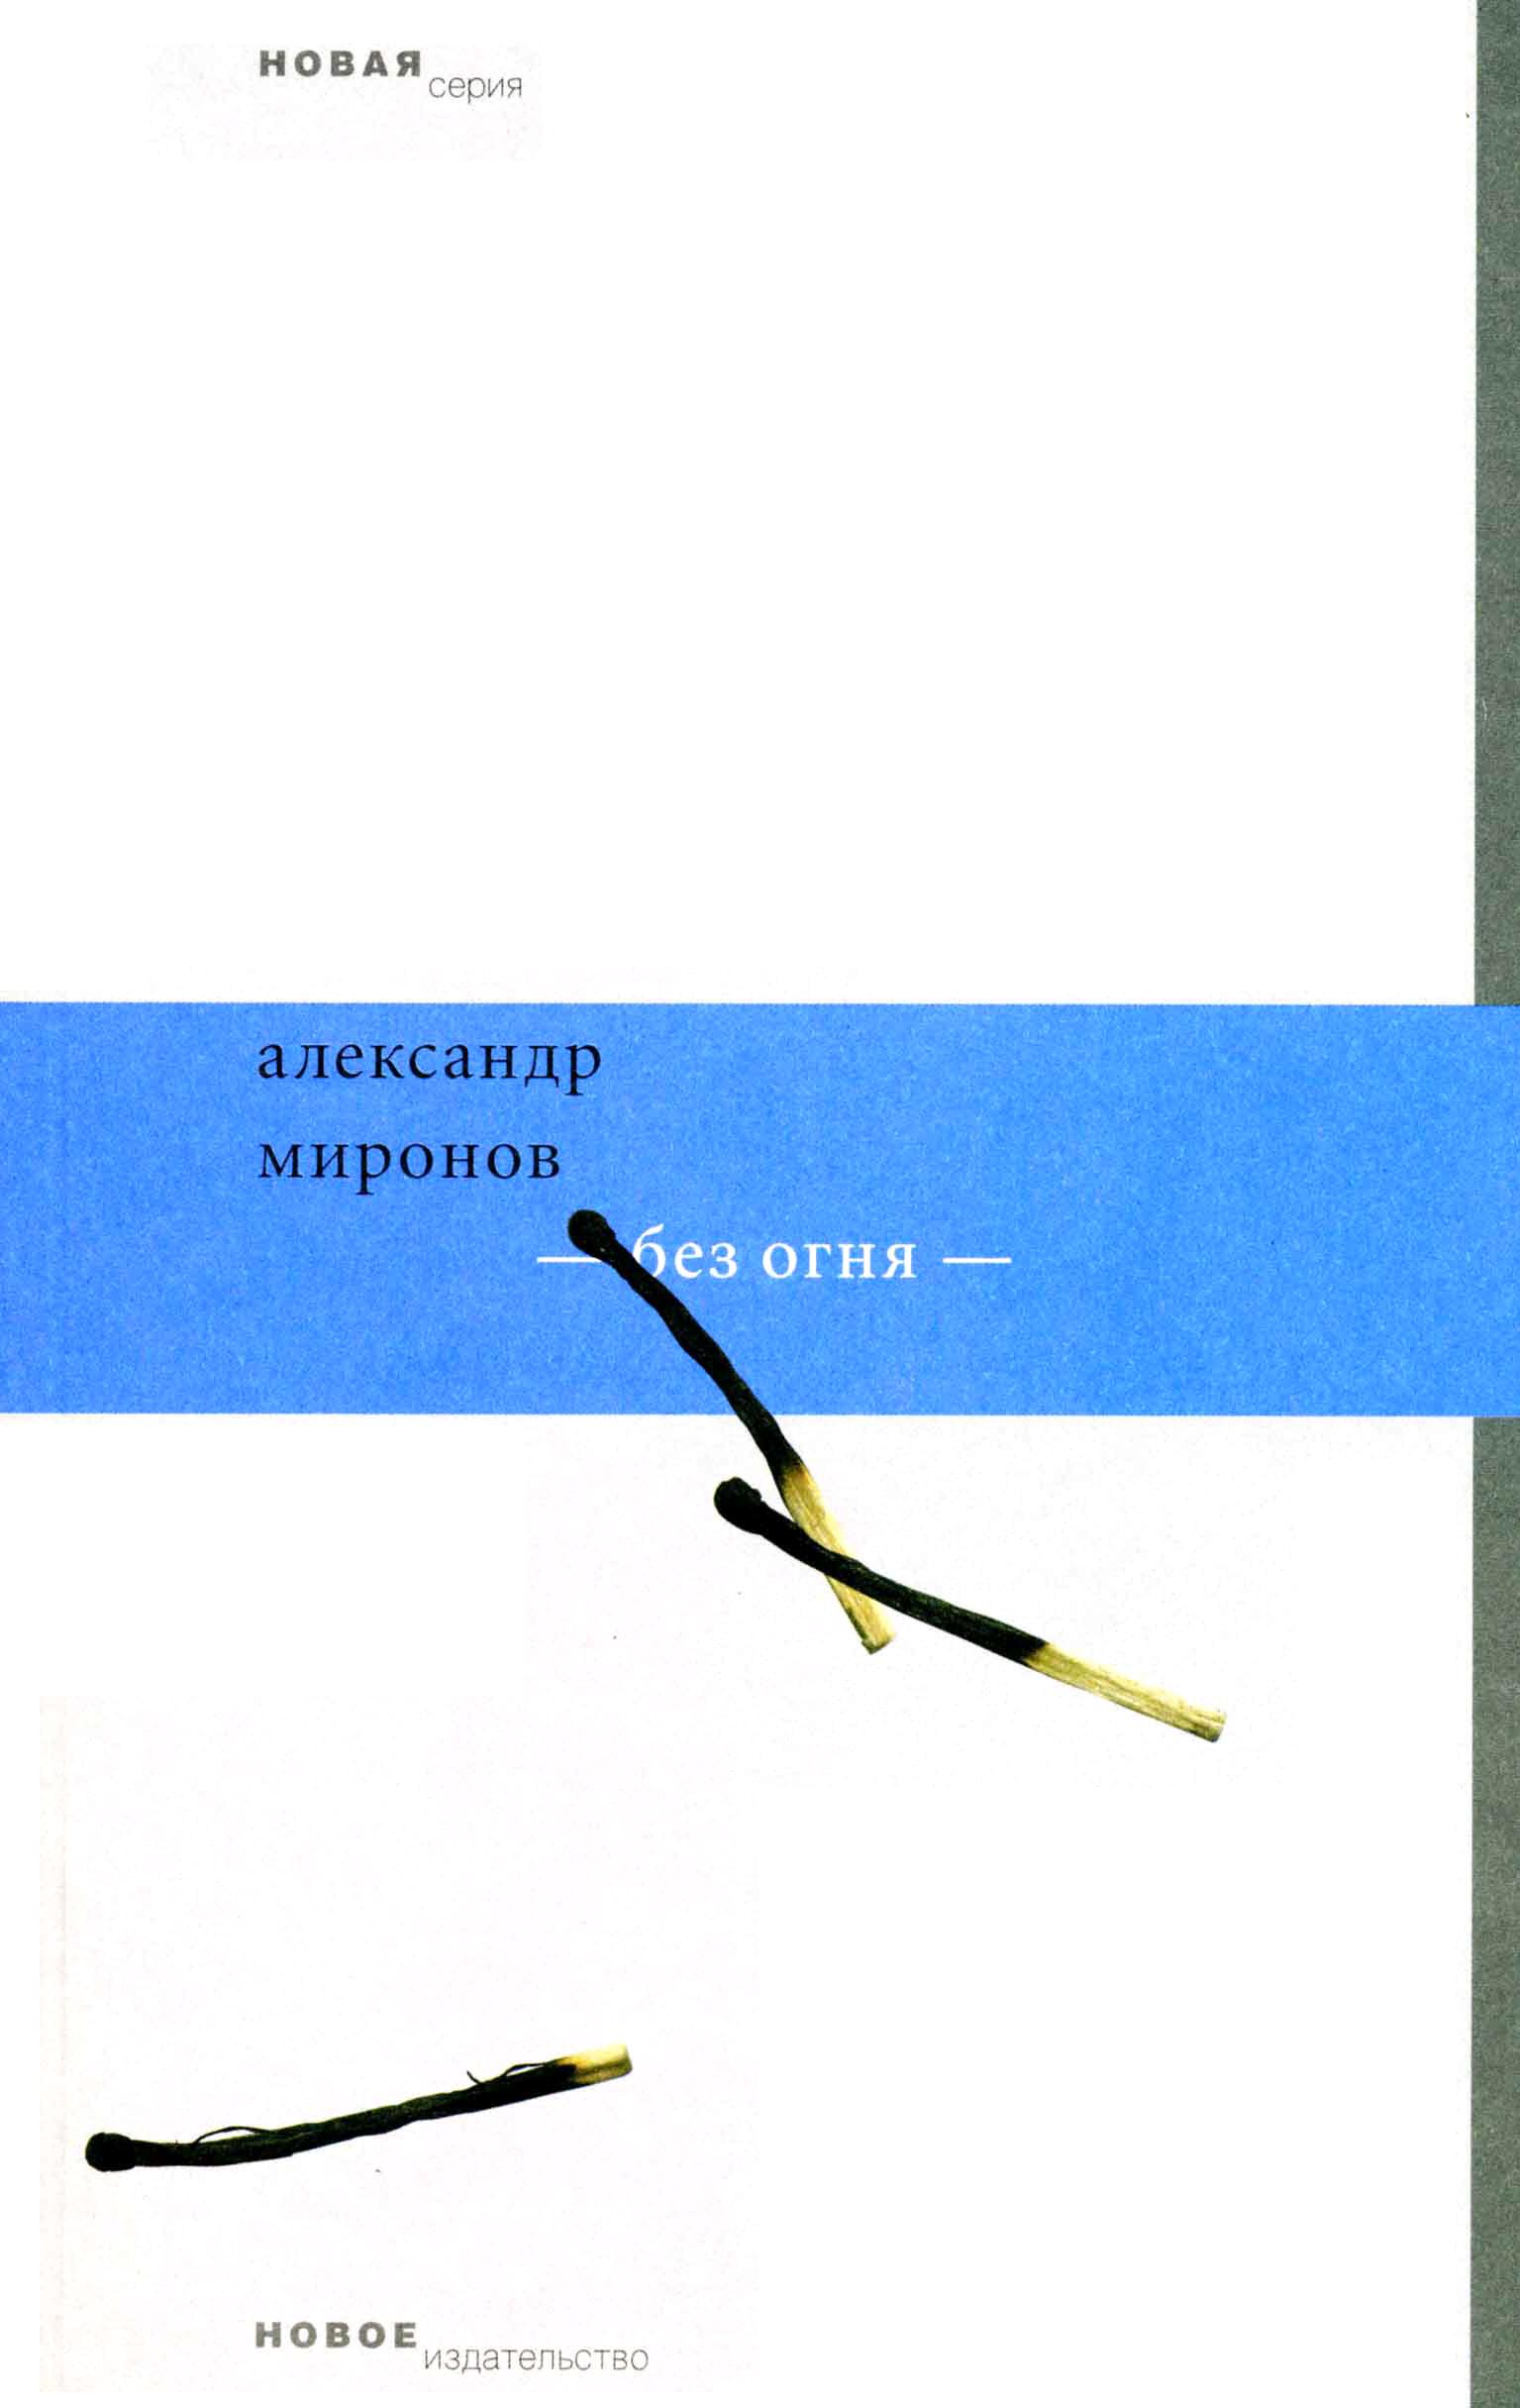 Александр Миронов Без огня 1993 2002